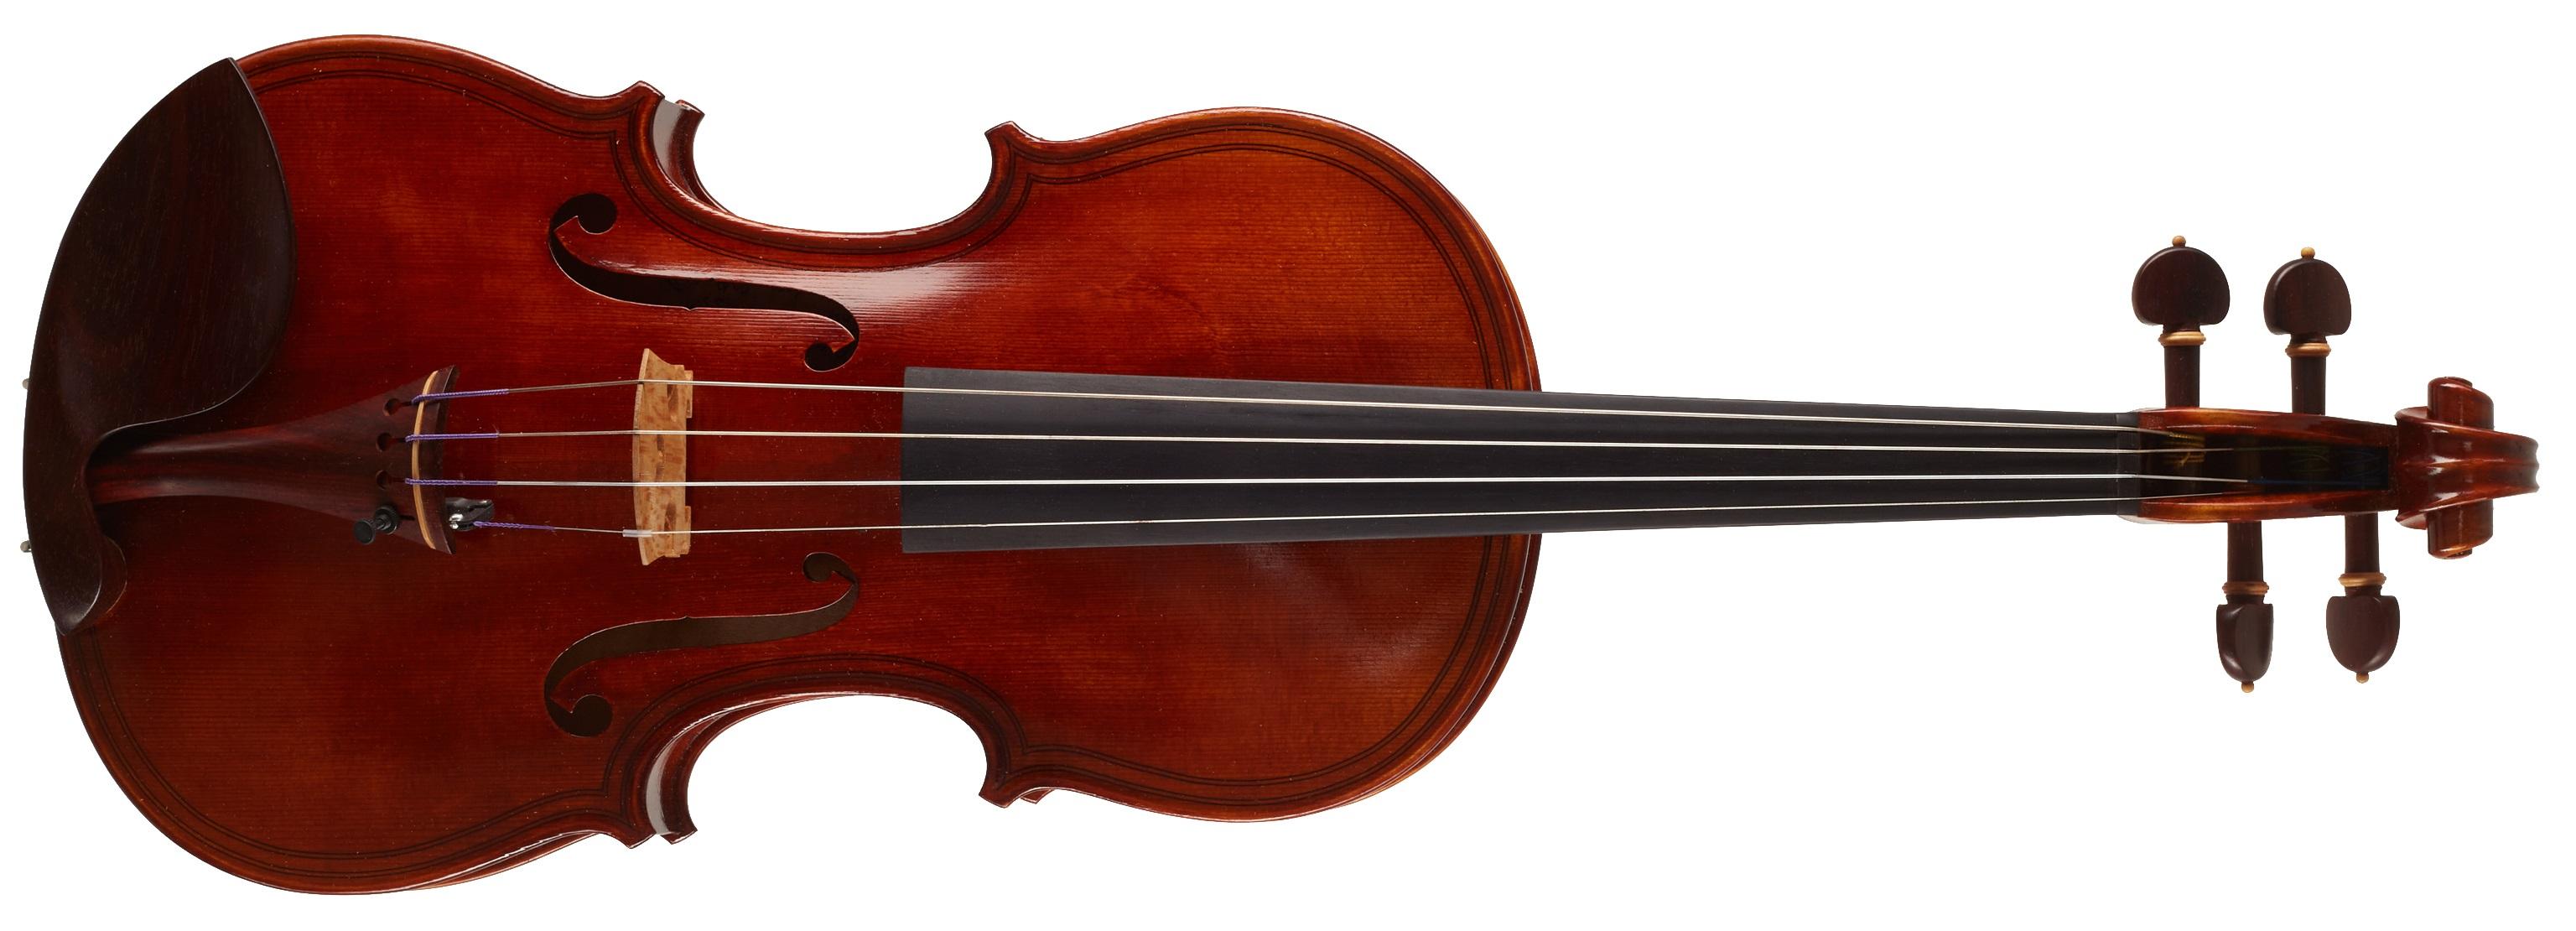 Maestro Instrument Petr Rácz Maggini inspired anno 2019